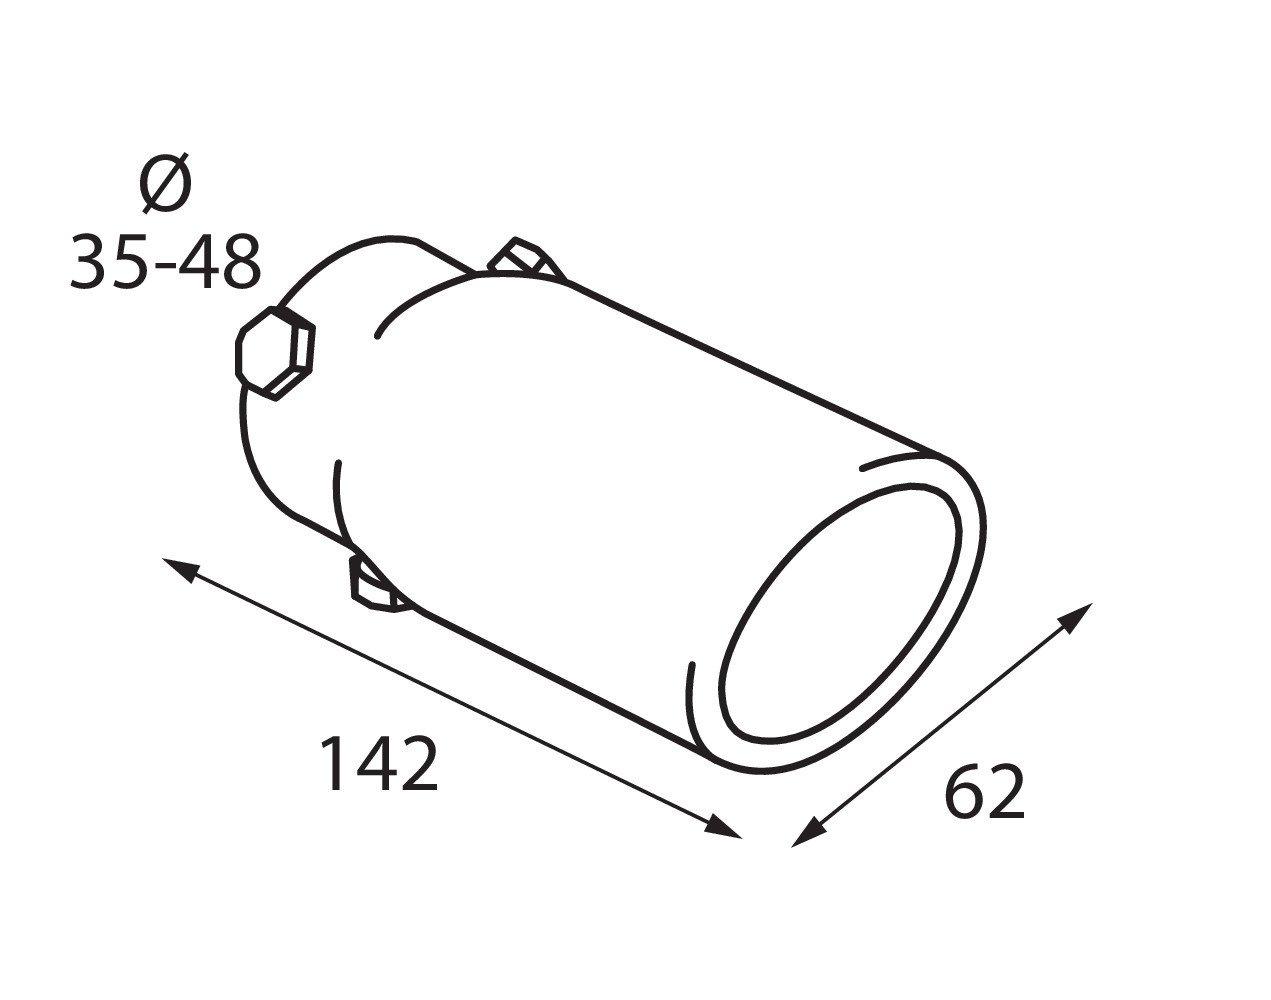 """Exhaust blowpipe /""""TS06/"""" diameter 35-47mm Abgas Blasrohr TS-06 Durchmesser 35 bis 47 mm"""